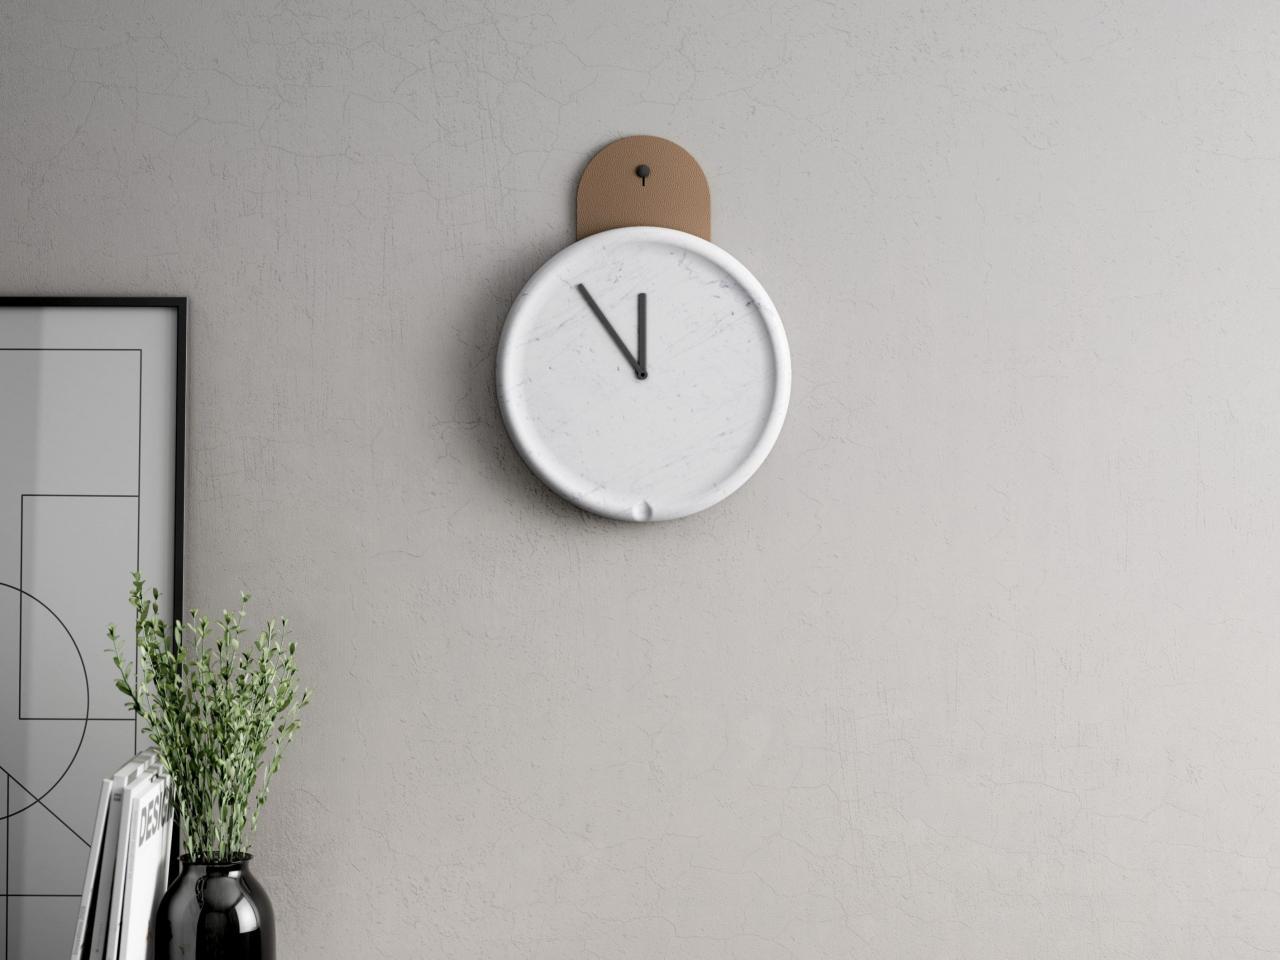 صور صور ساعات حائط , اجمل صور لساعات الحائط